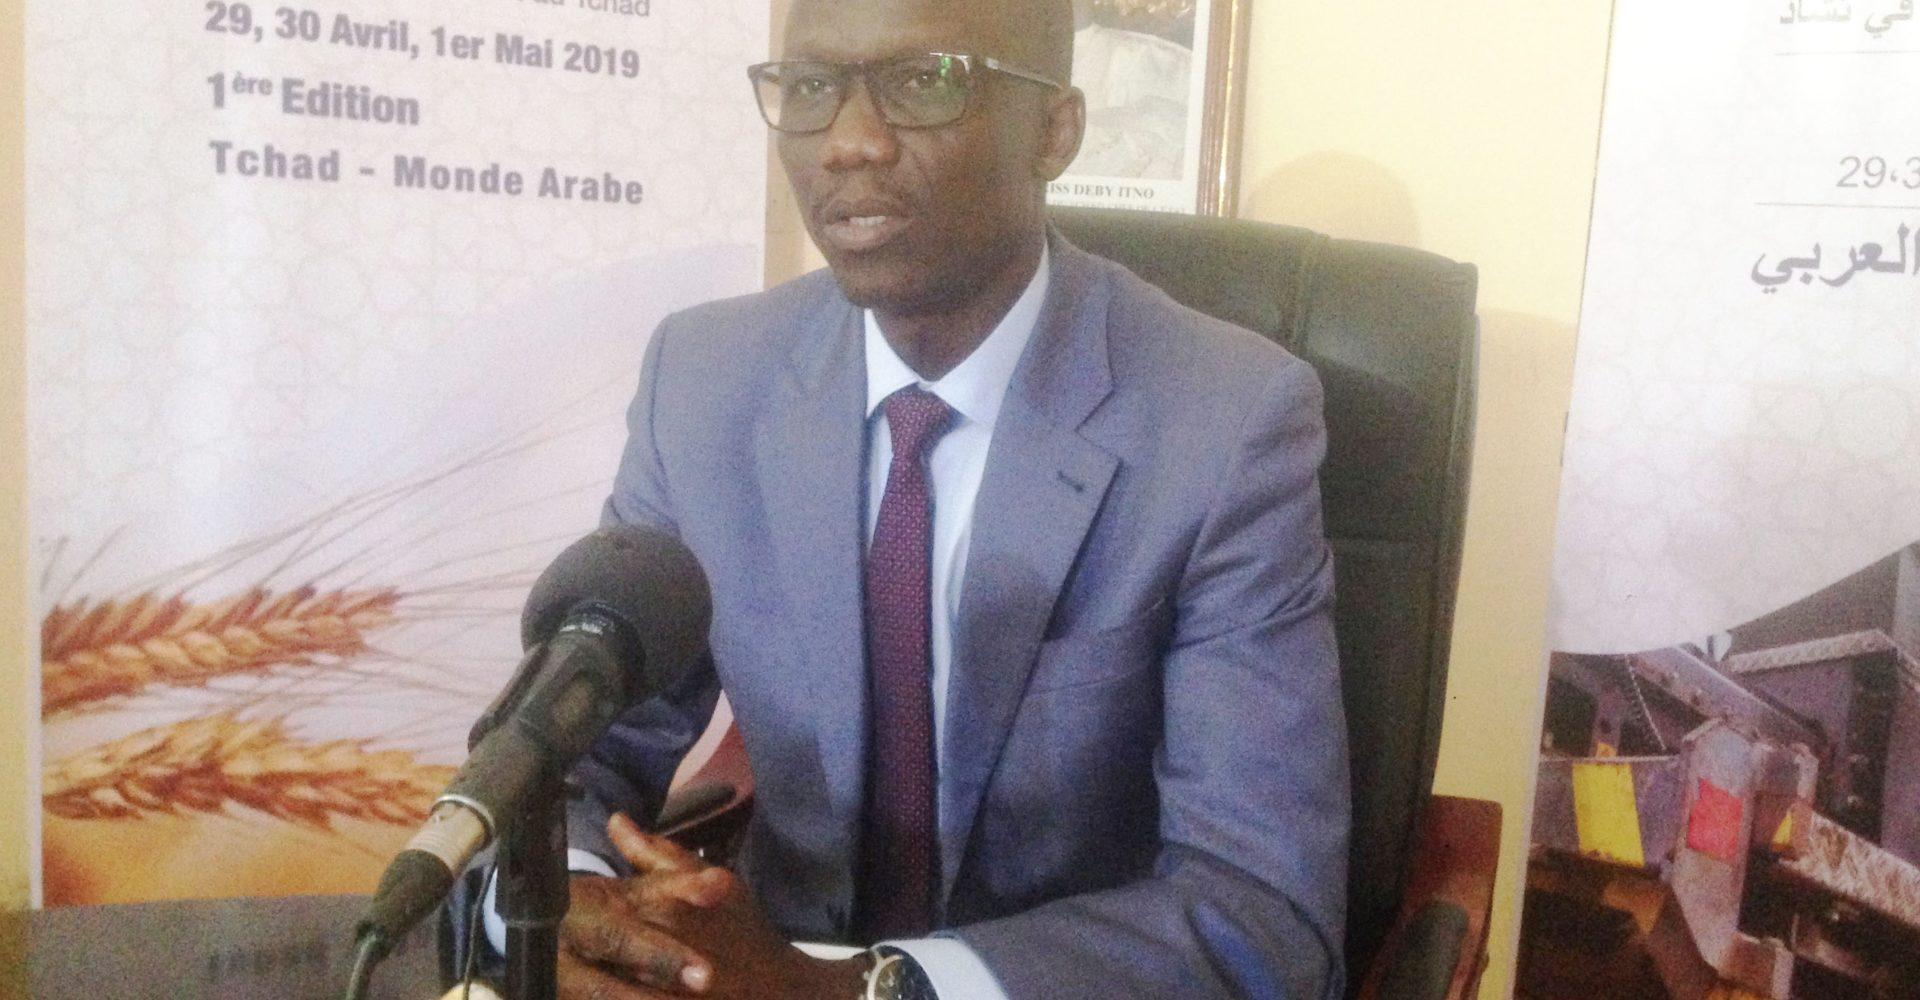 N'Djaména accueillera la 1ère édition du forum Tchad-Monde Arabe 1